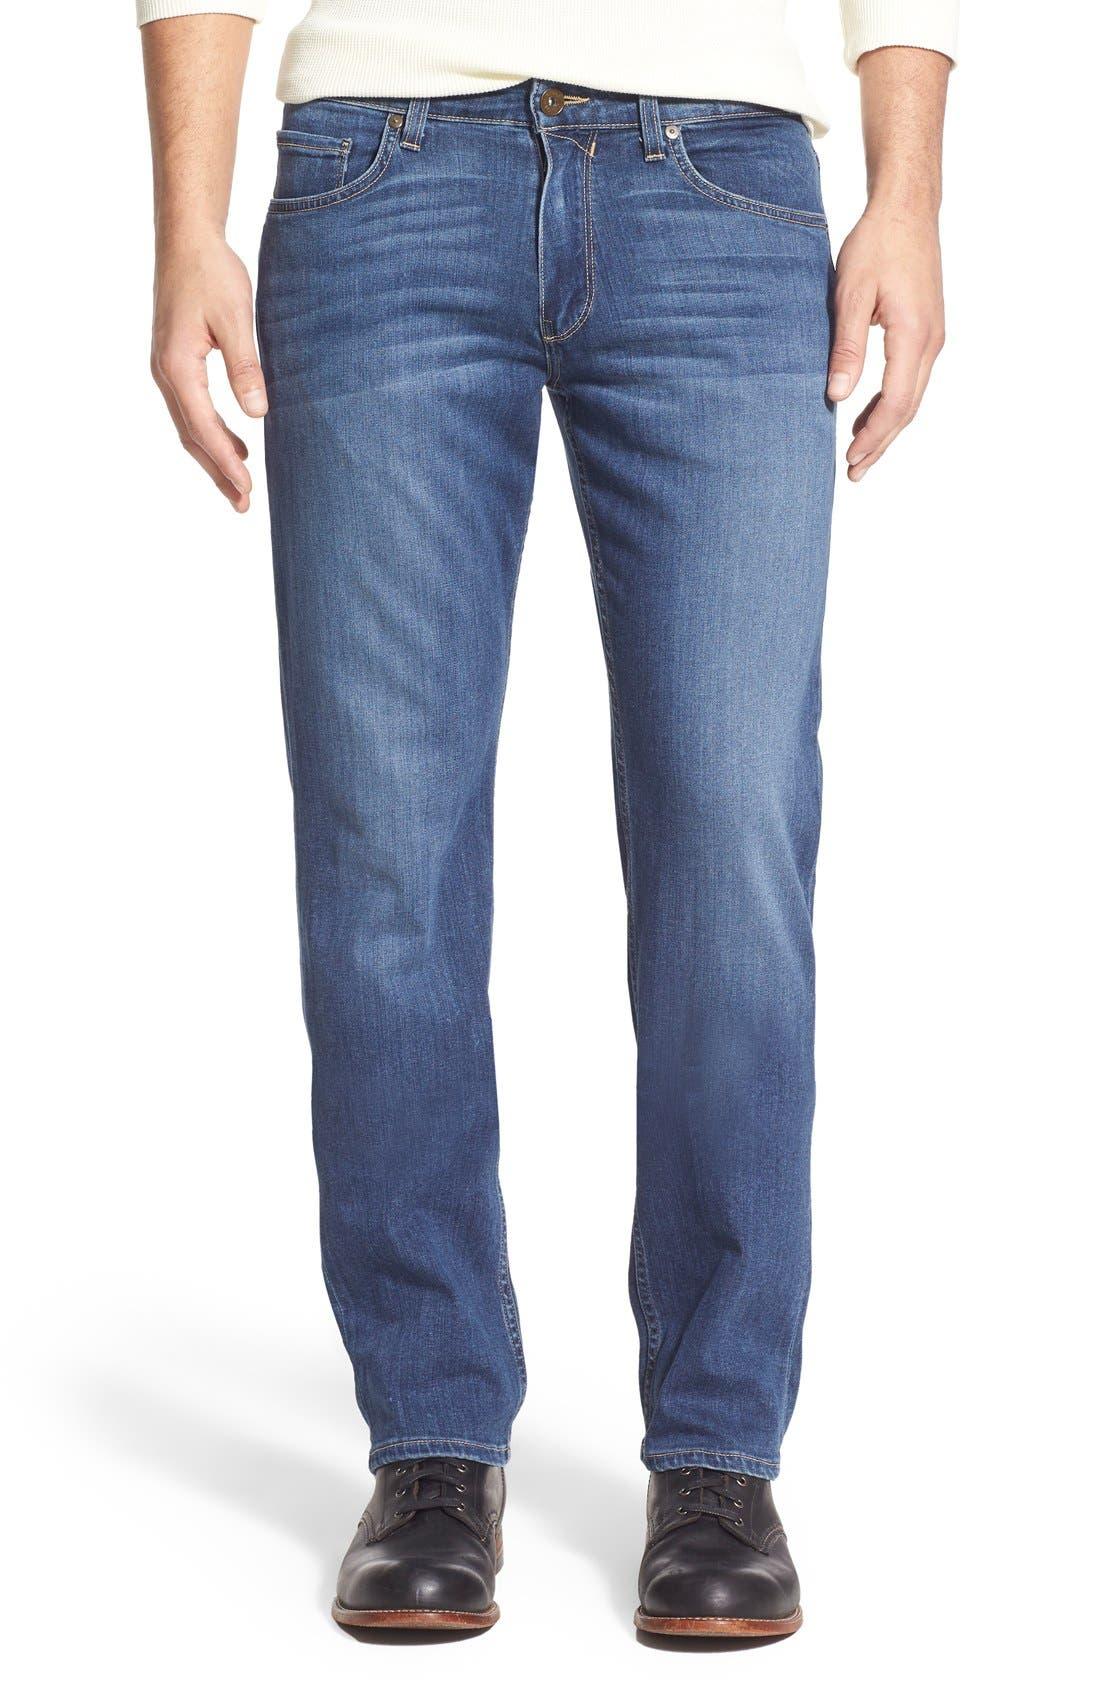 PAIGE,                             Transcend - Normandie Straight Leg Jeans,                             Main thumbnail 1, color,                             BIRCH